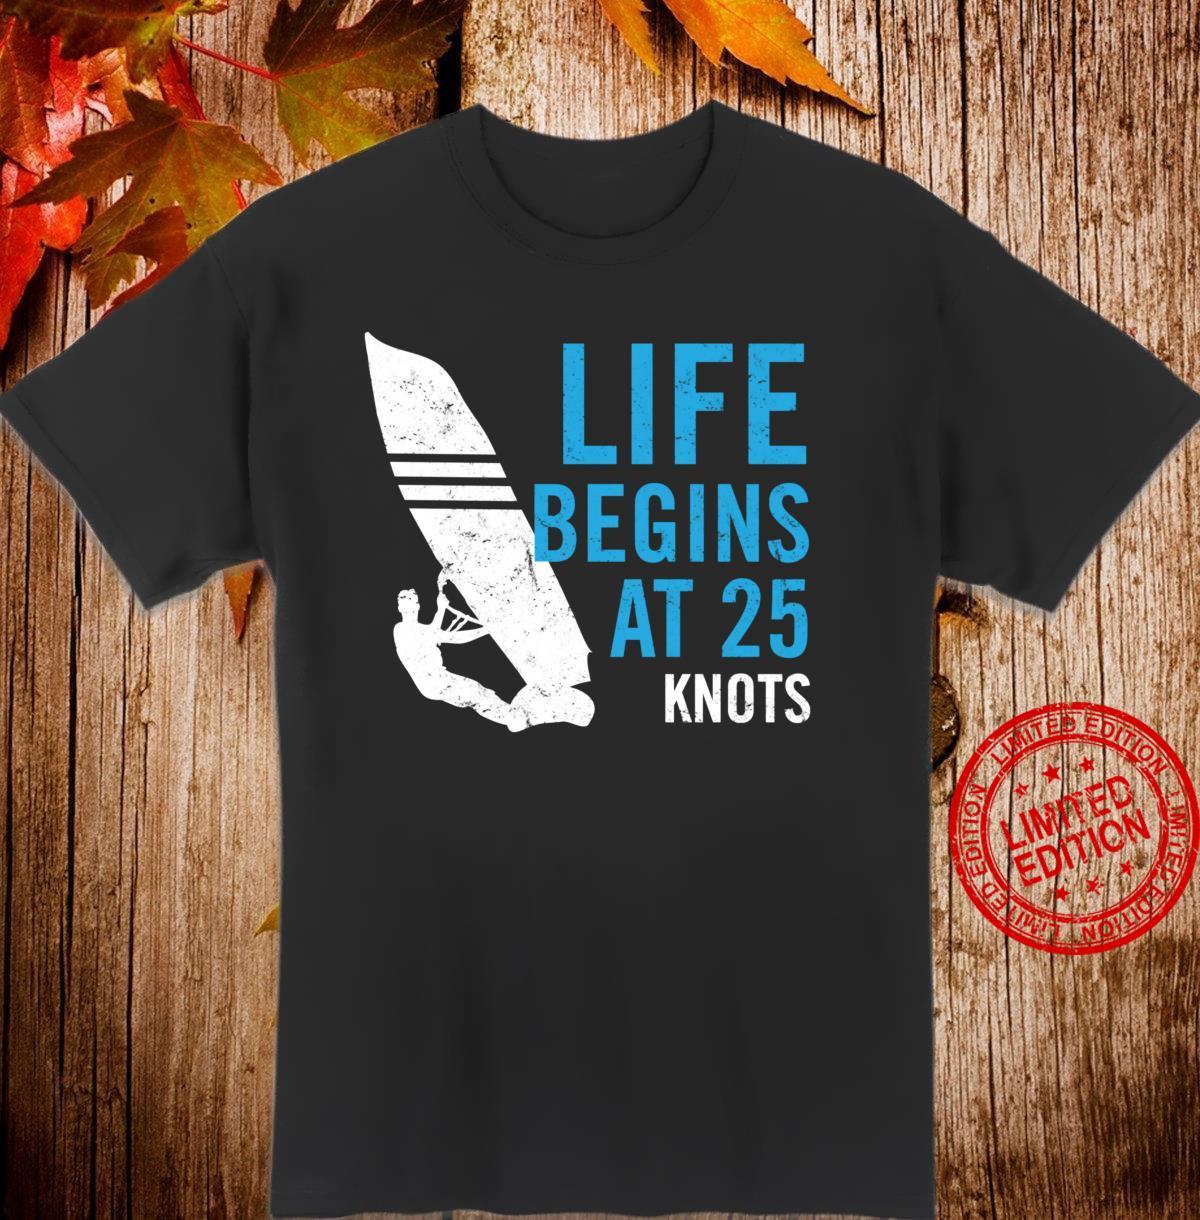 Windsurfing Life Begins at 25 Knots Shirt